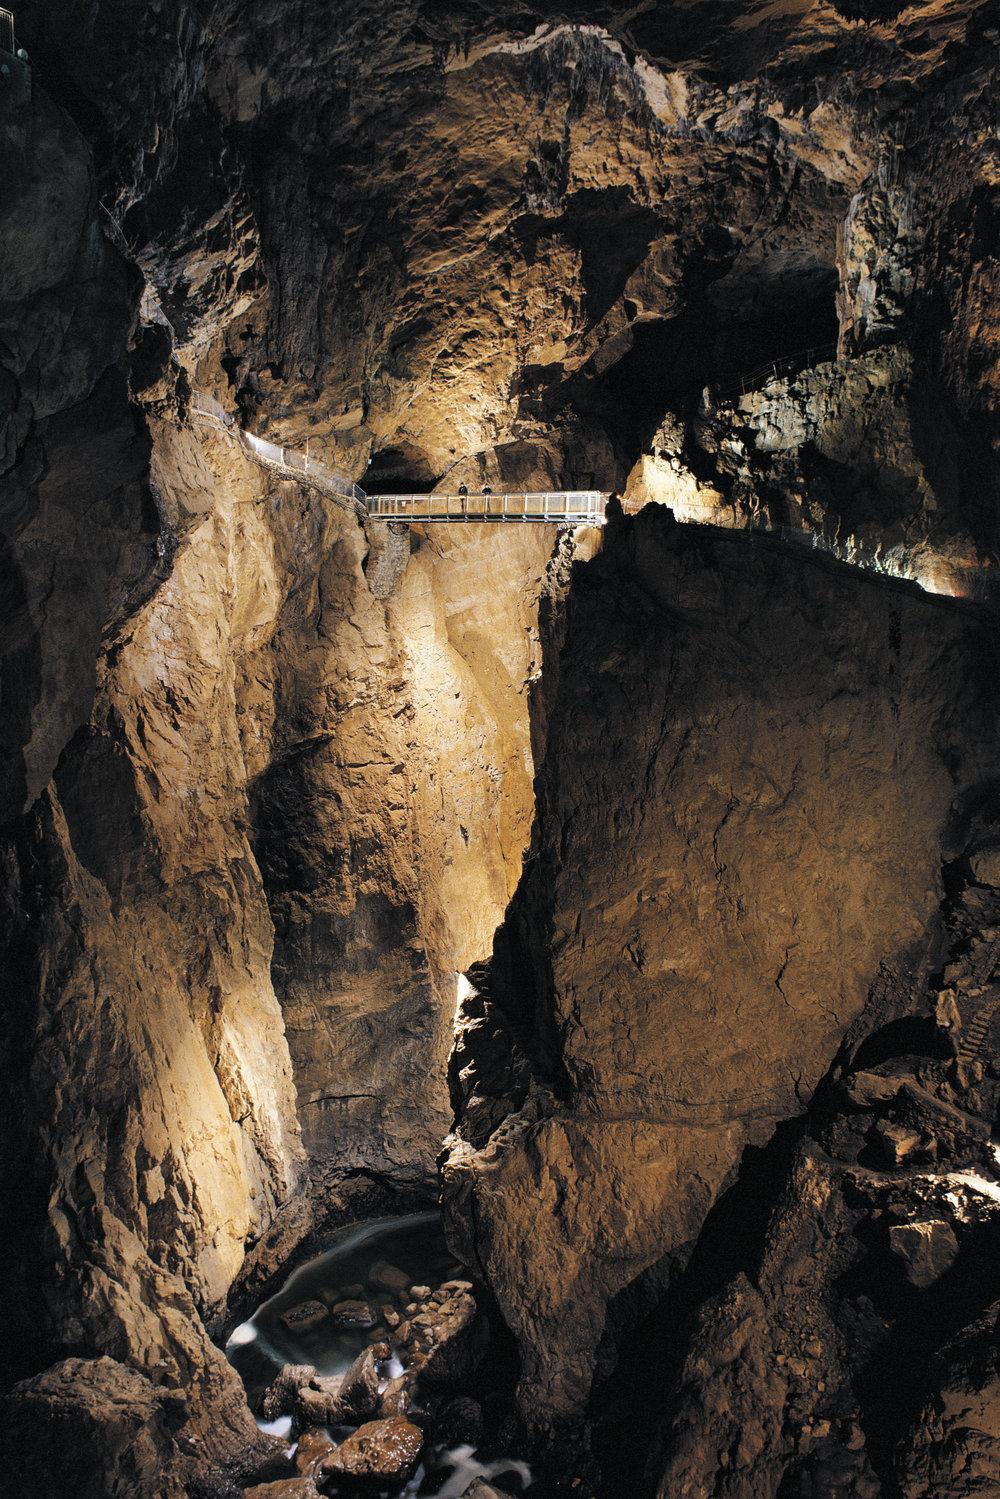 Skocjan Caves - Archives PSJ - Mr. Borut Lozej